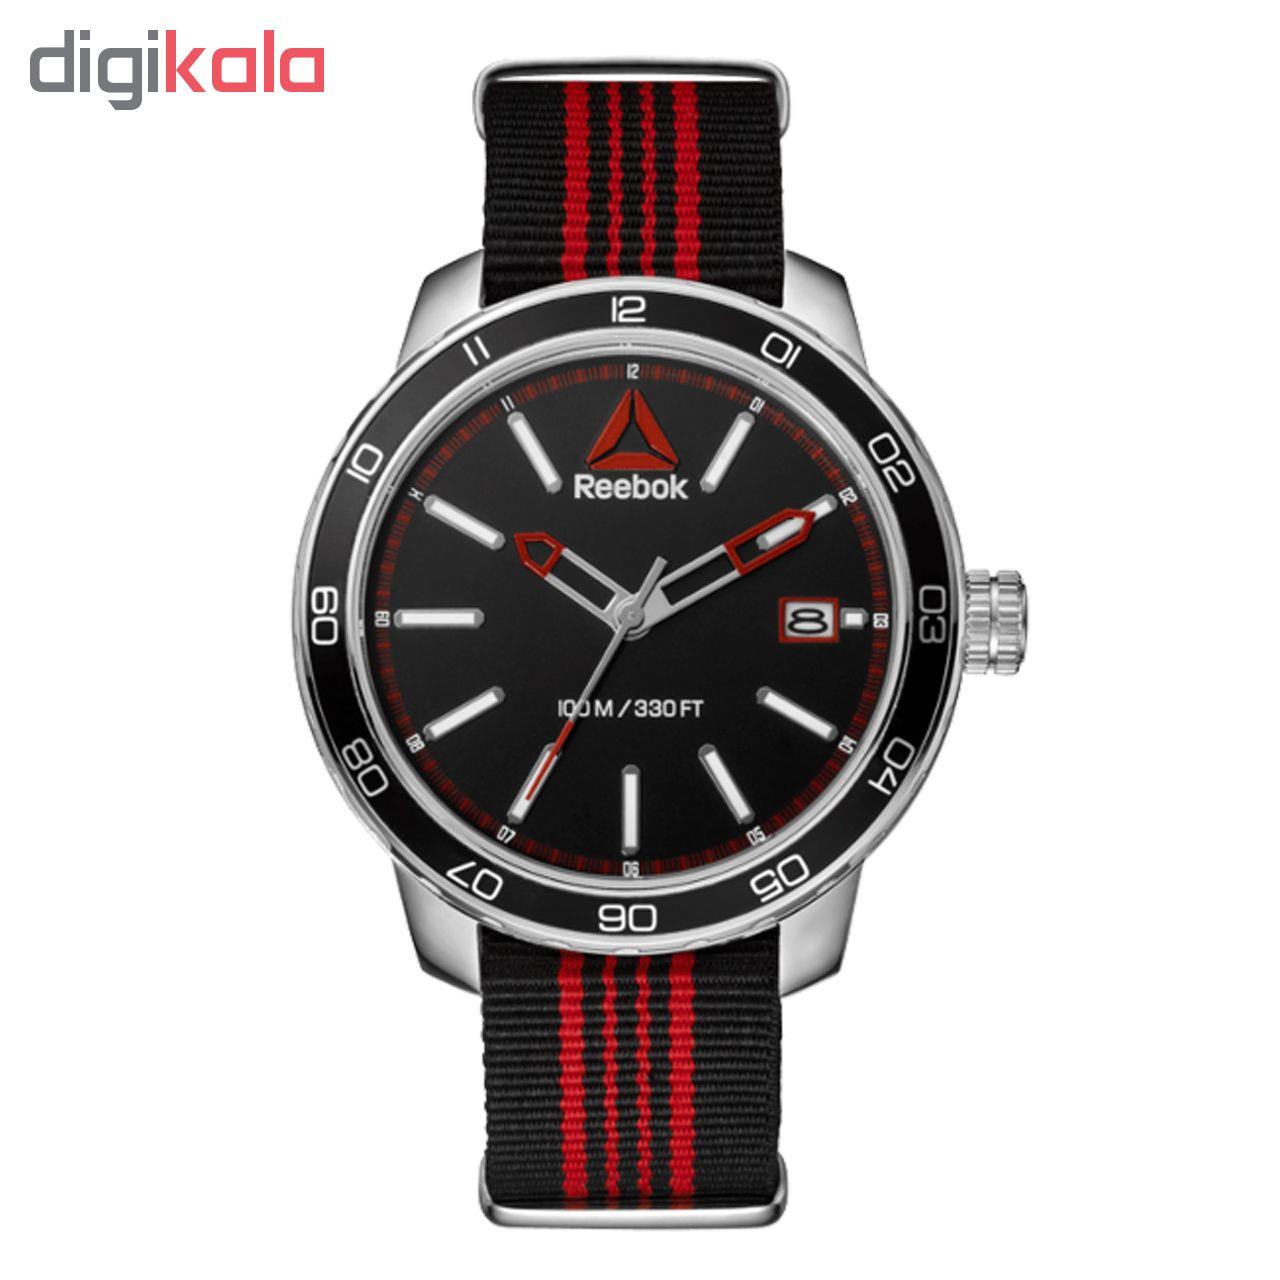 خرید ساعت مچی عقربه ای مردانه ریباک مدل RD-FOR-G3-S1NB-BR